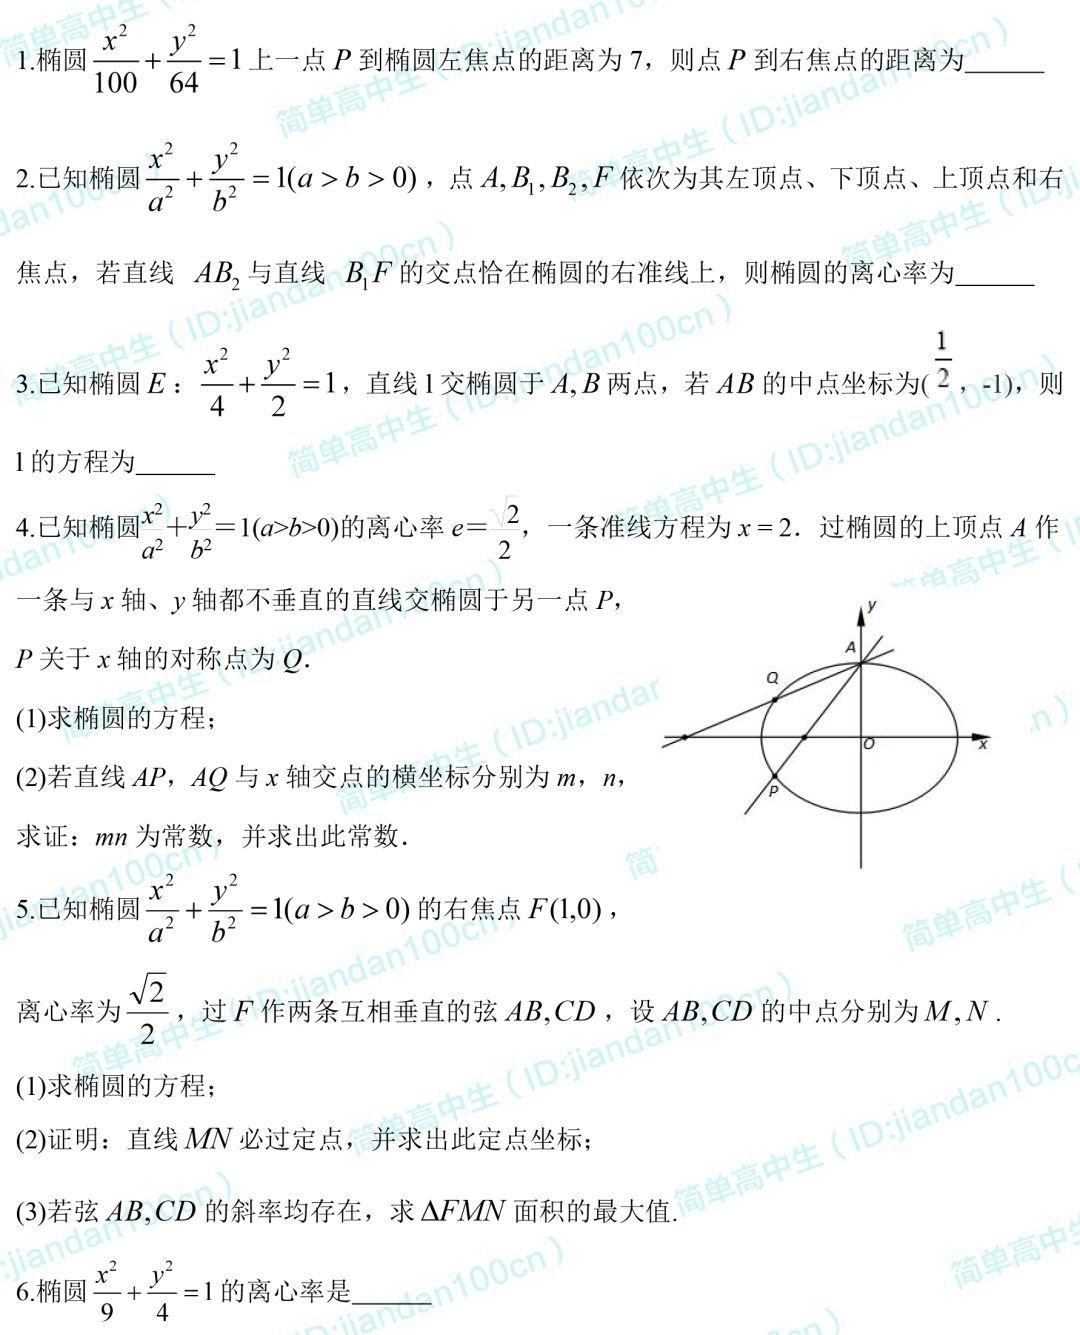 期中温习一遍过!高中数学椭圆/双曲线/抛物线常考题型汇编,有答(责编保举:数学试题jxfudao.com/xuesheng)